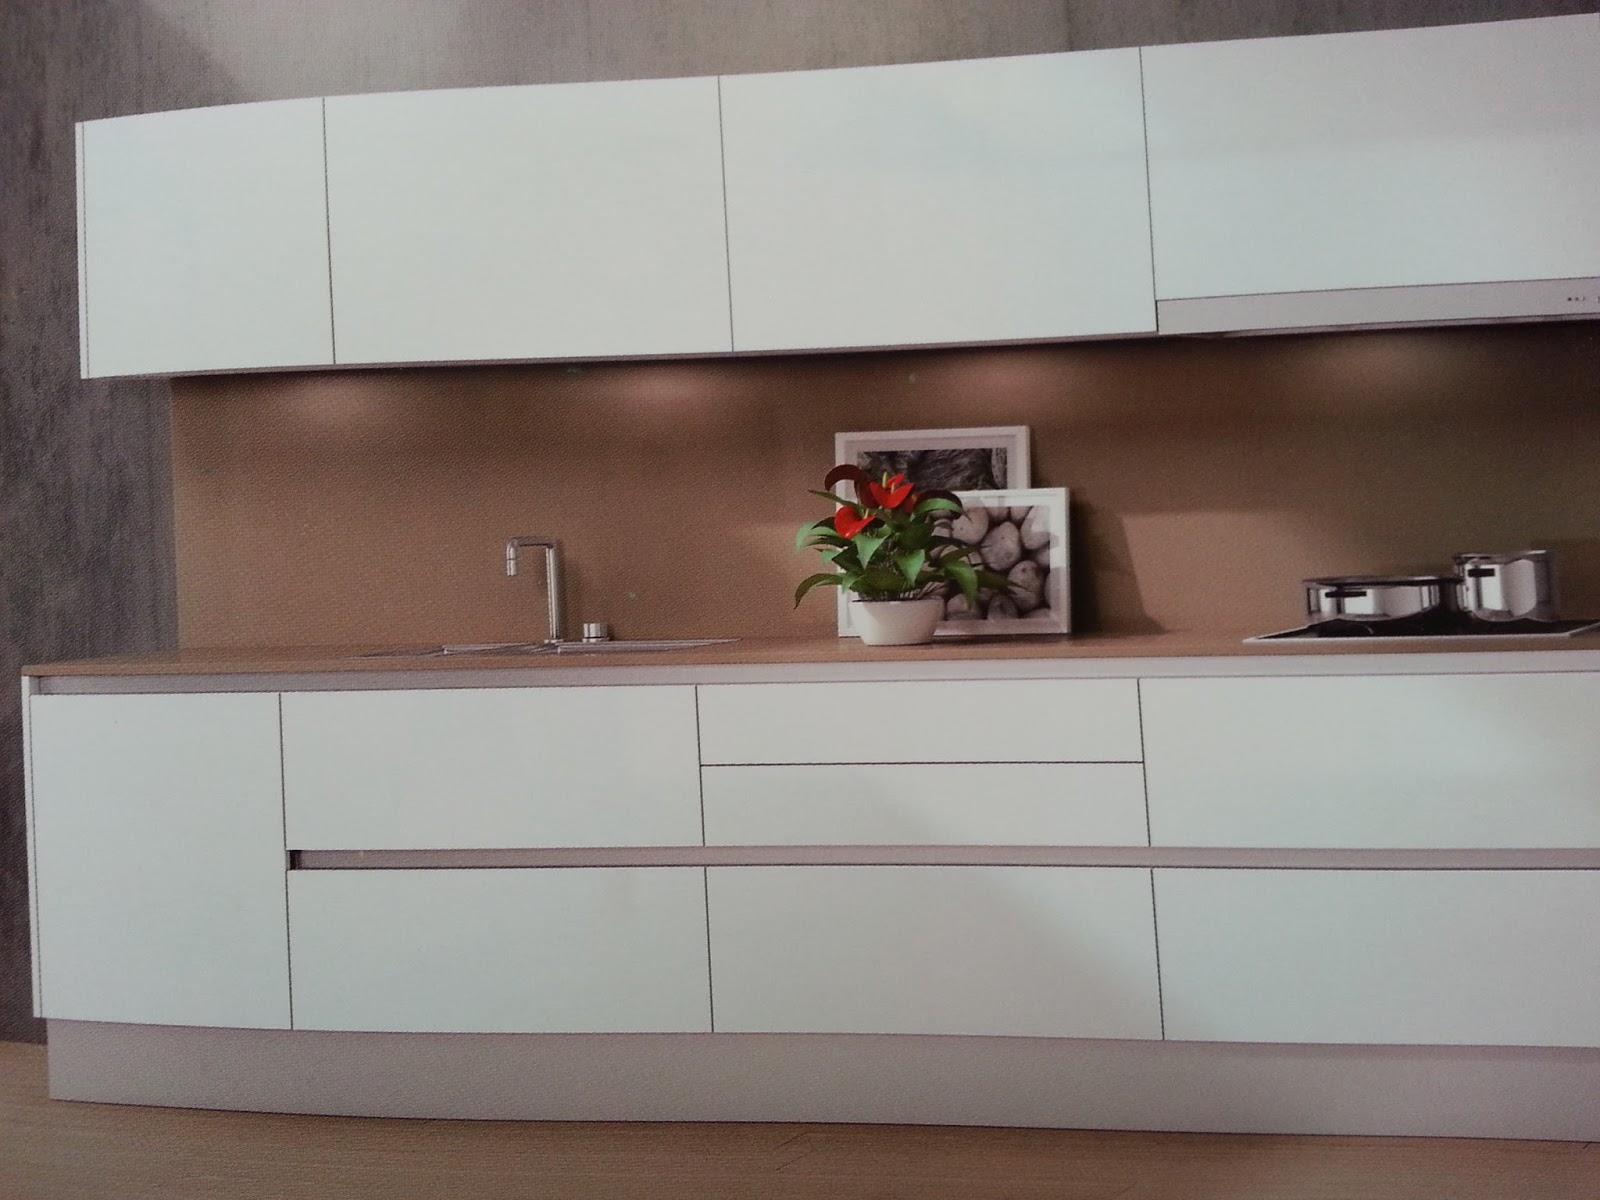 PLATHOO | Diseño de cocinas y baños 3D |: Cocinas sin tirador